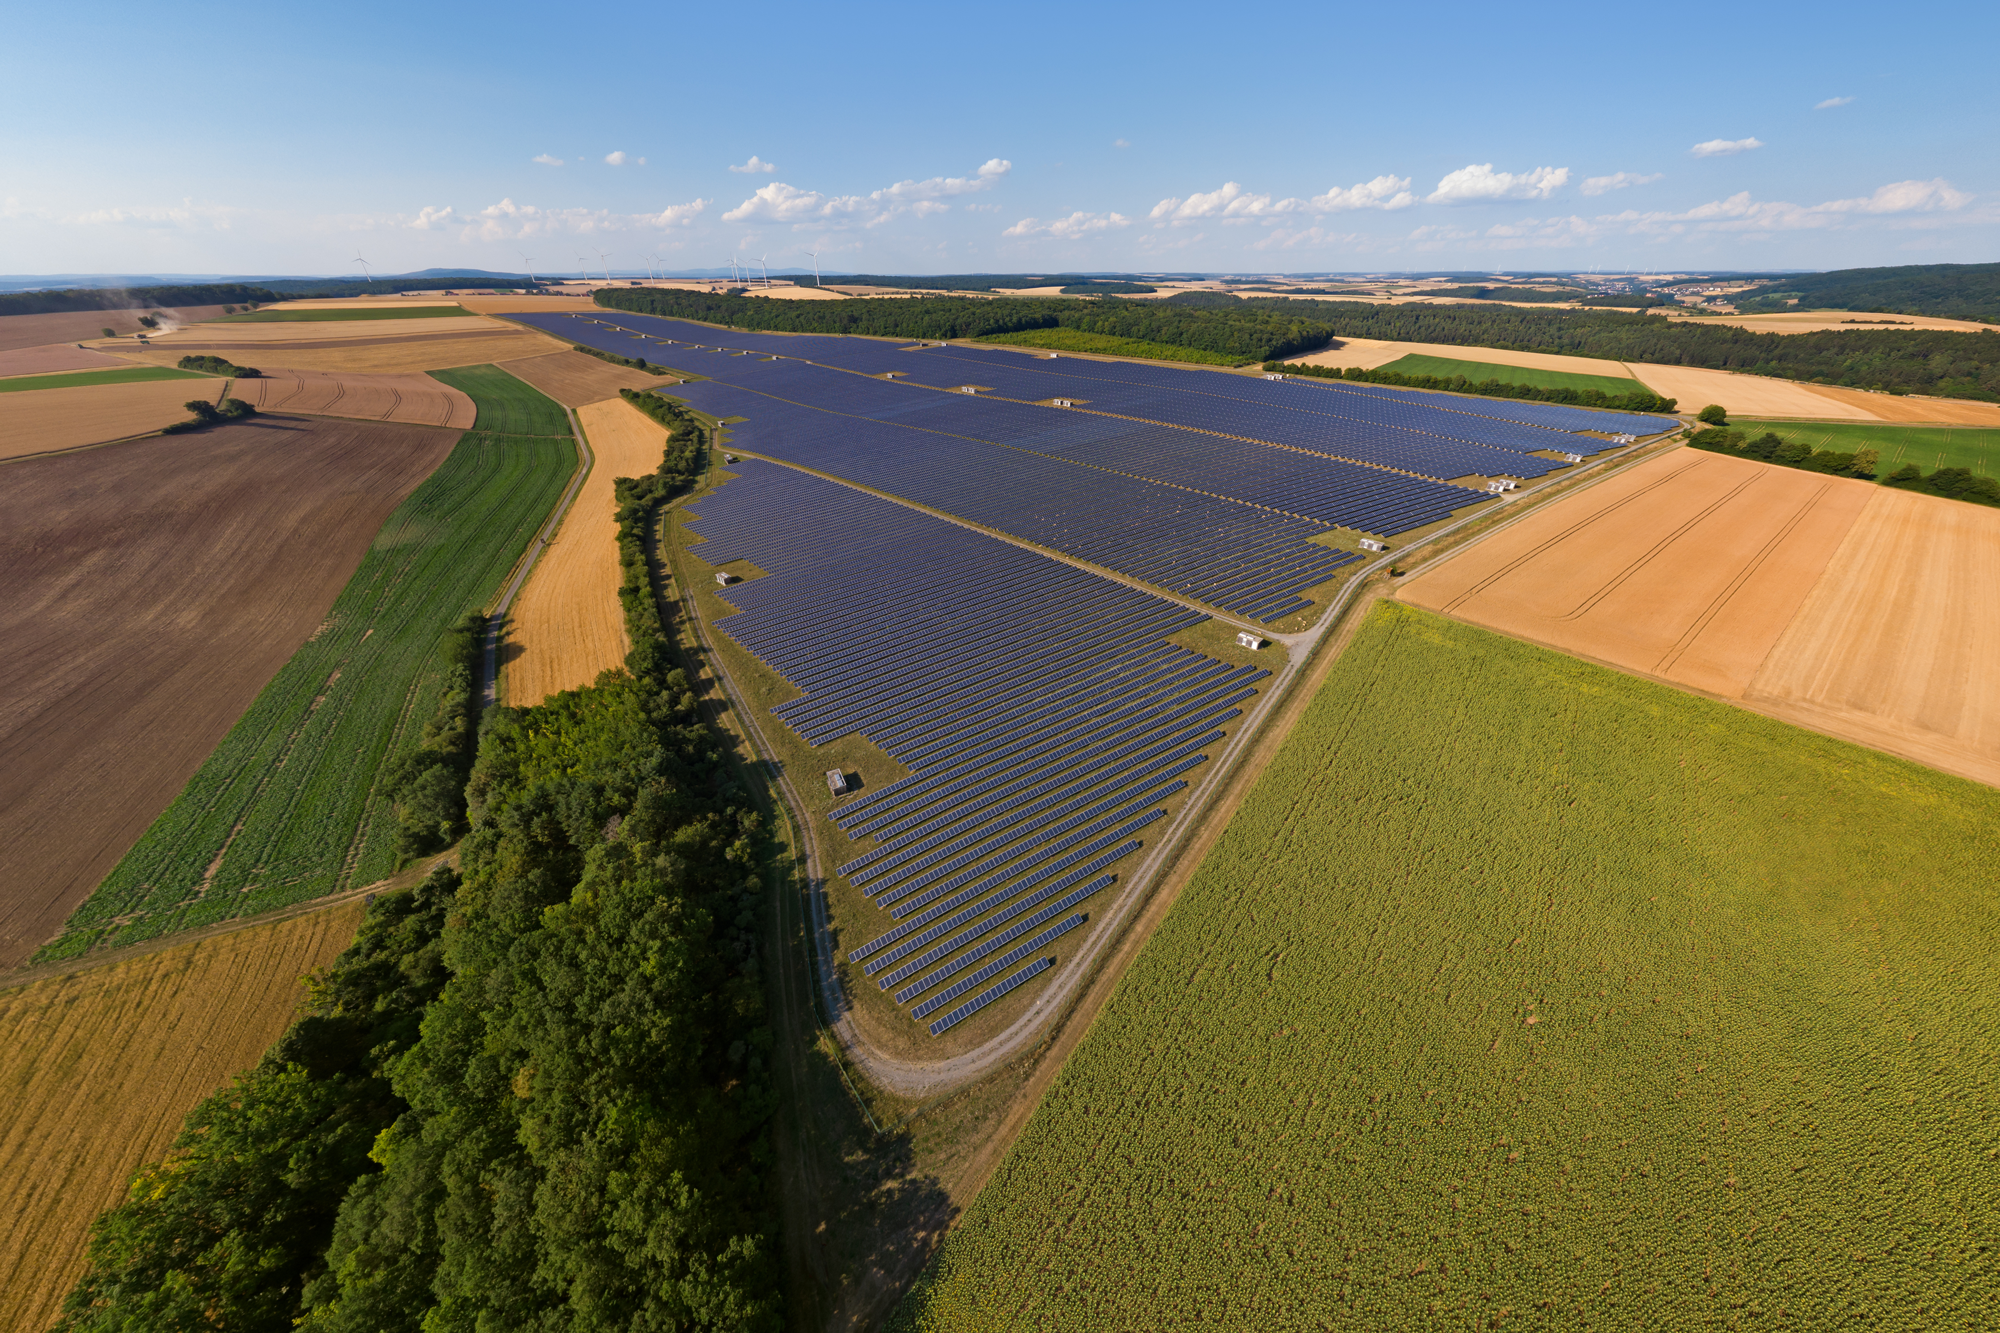 Solarpark inmitten landwirtschaftlicher Flächennutzung, Foto: © Michael von Aichberger - stock.adobe.com